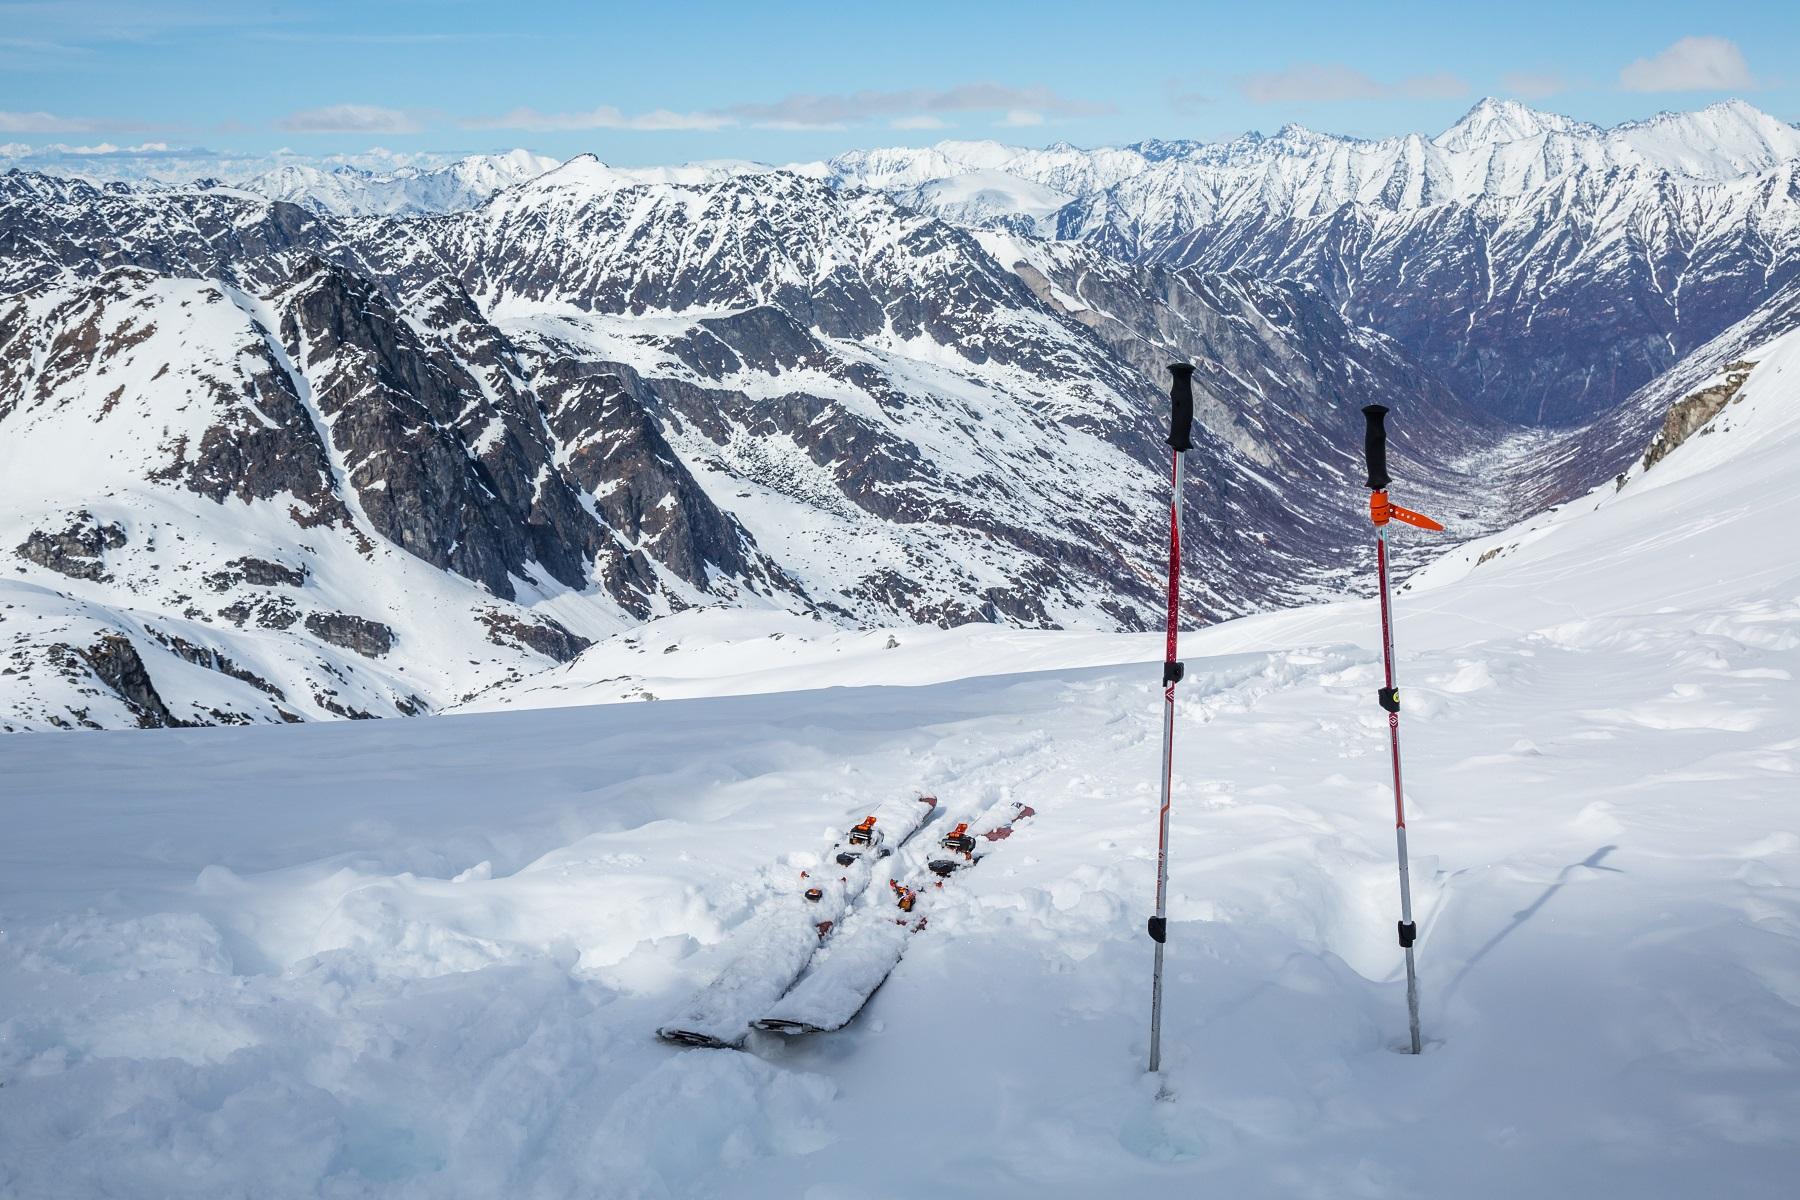 skis snowy mountains